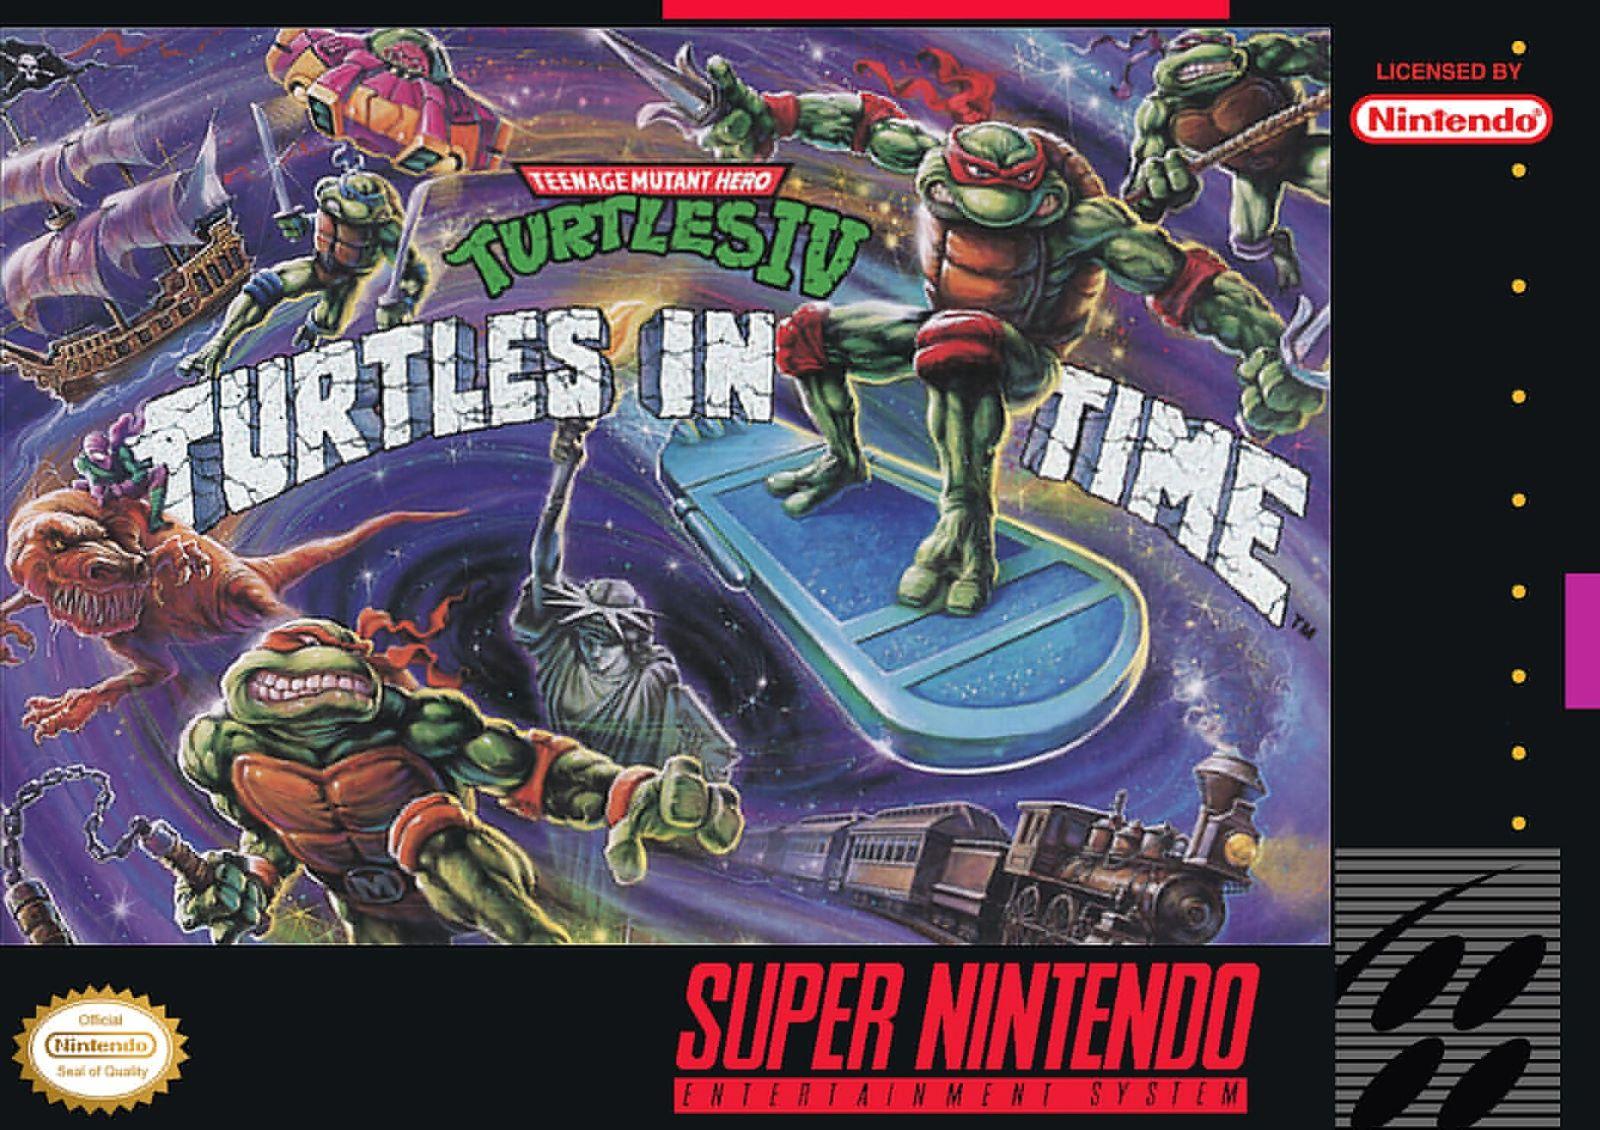 Teenage Mutant Ninja Turtles Iv Snes Super Nintendo